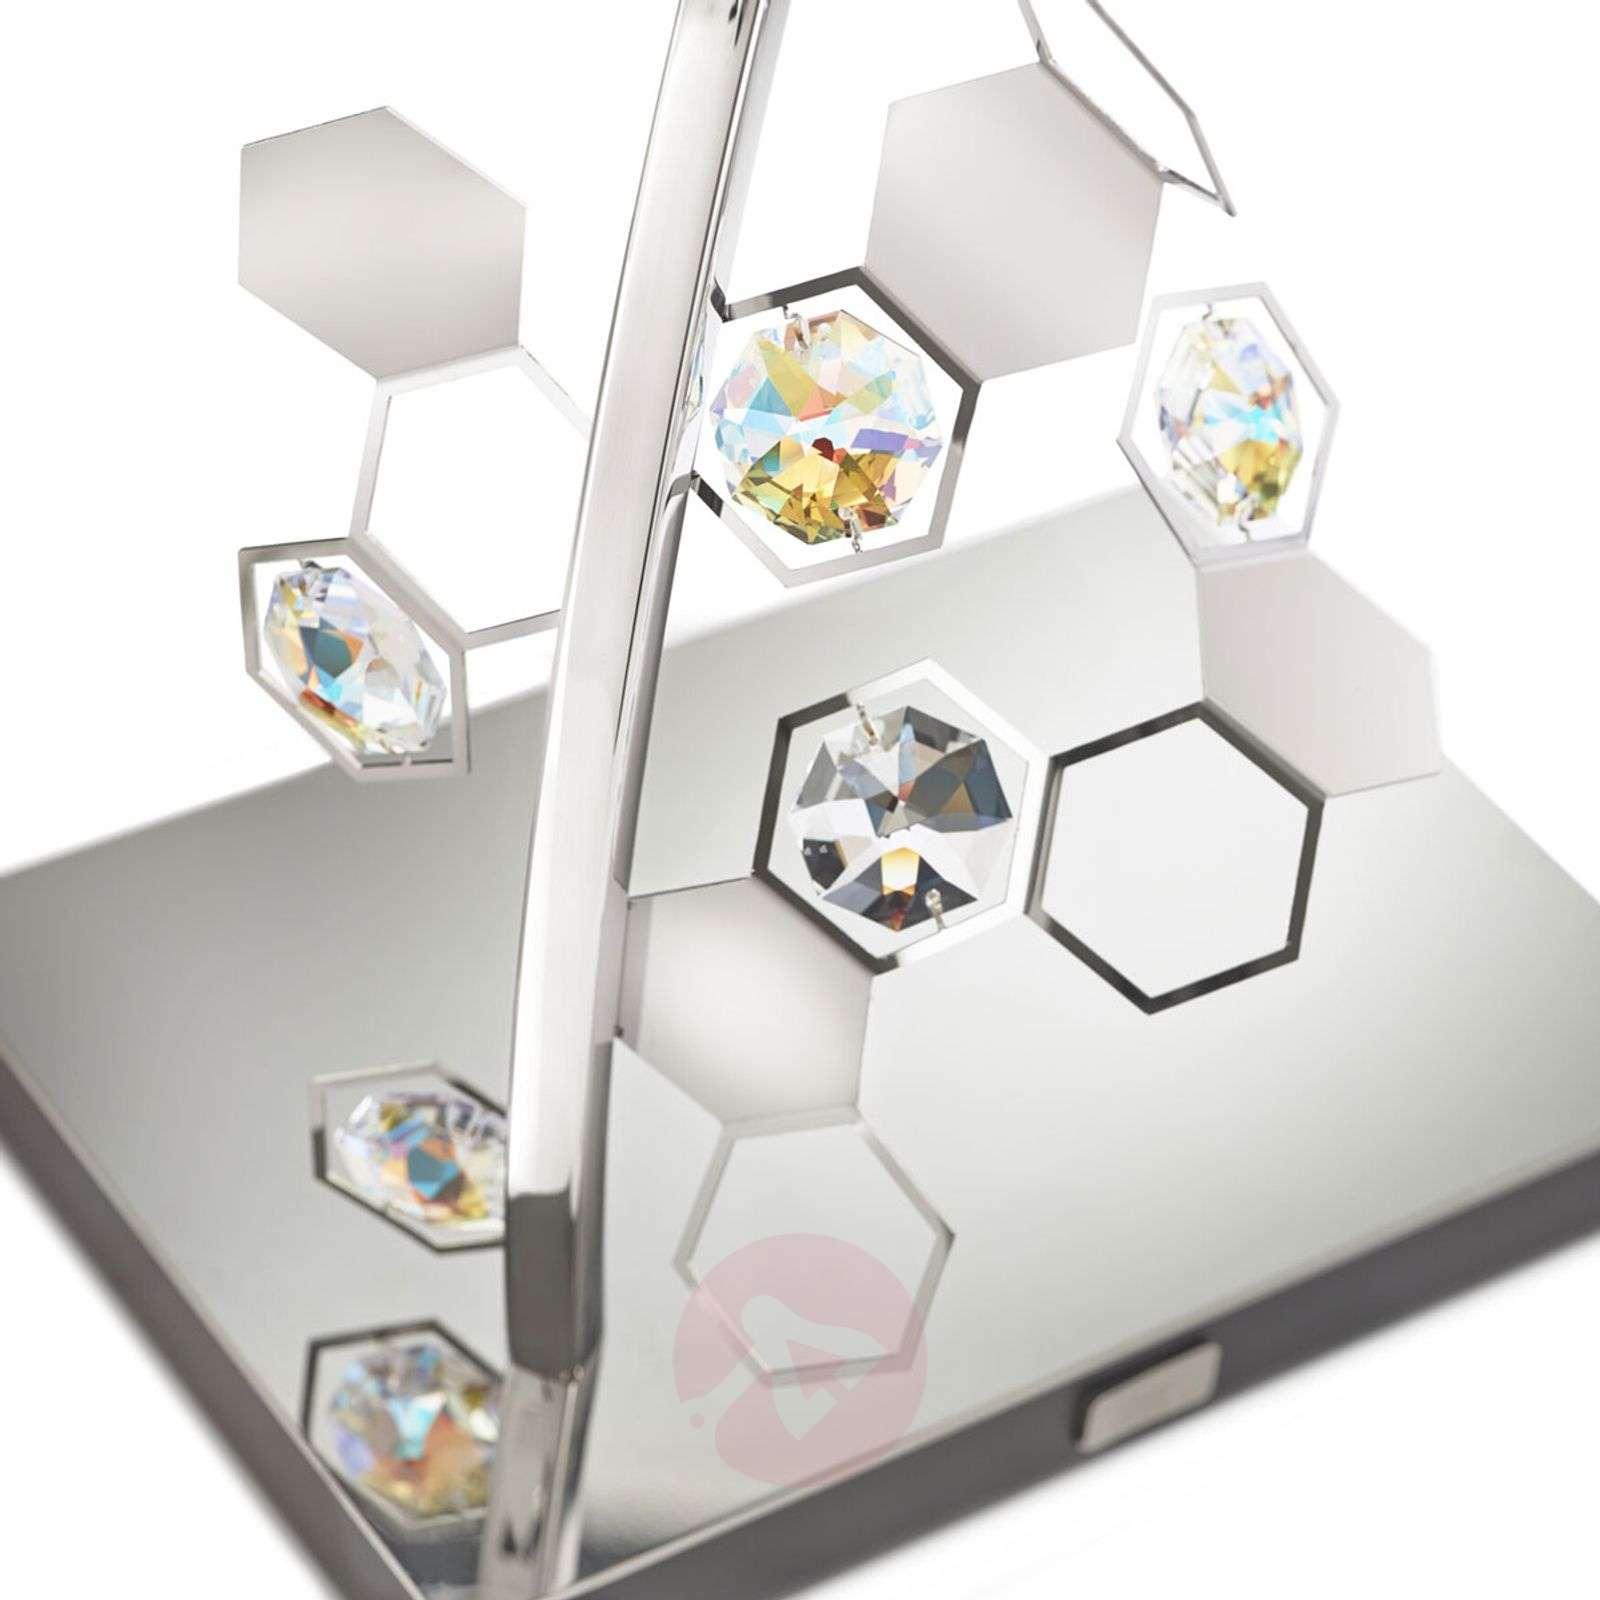 Crystalon-pöytävalaisin Swarovski-kristalleilla-8578025-07